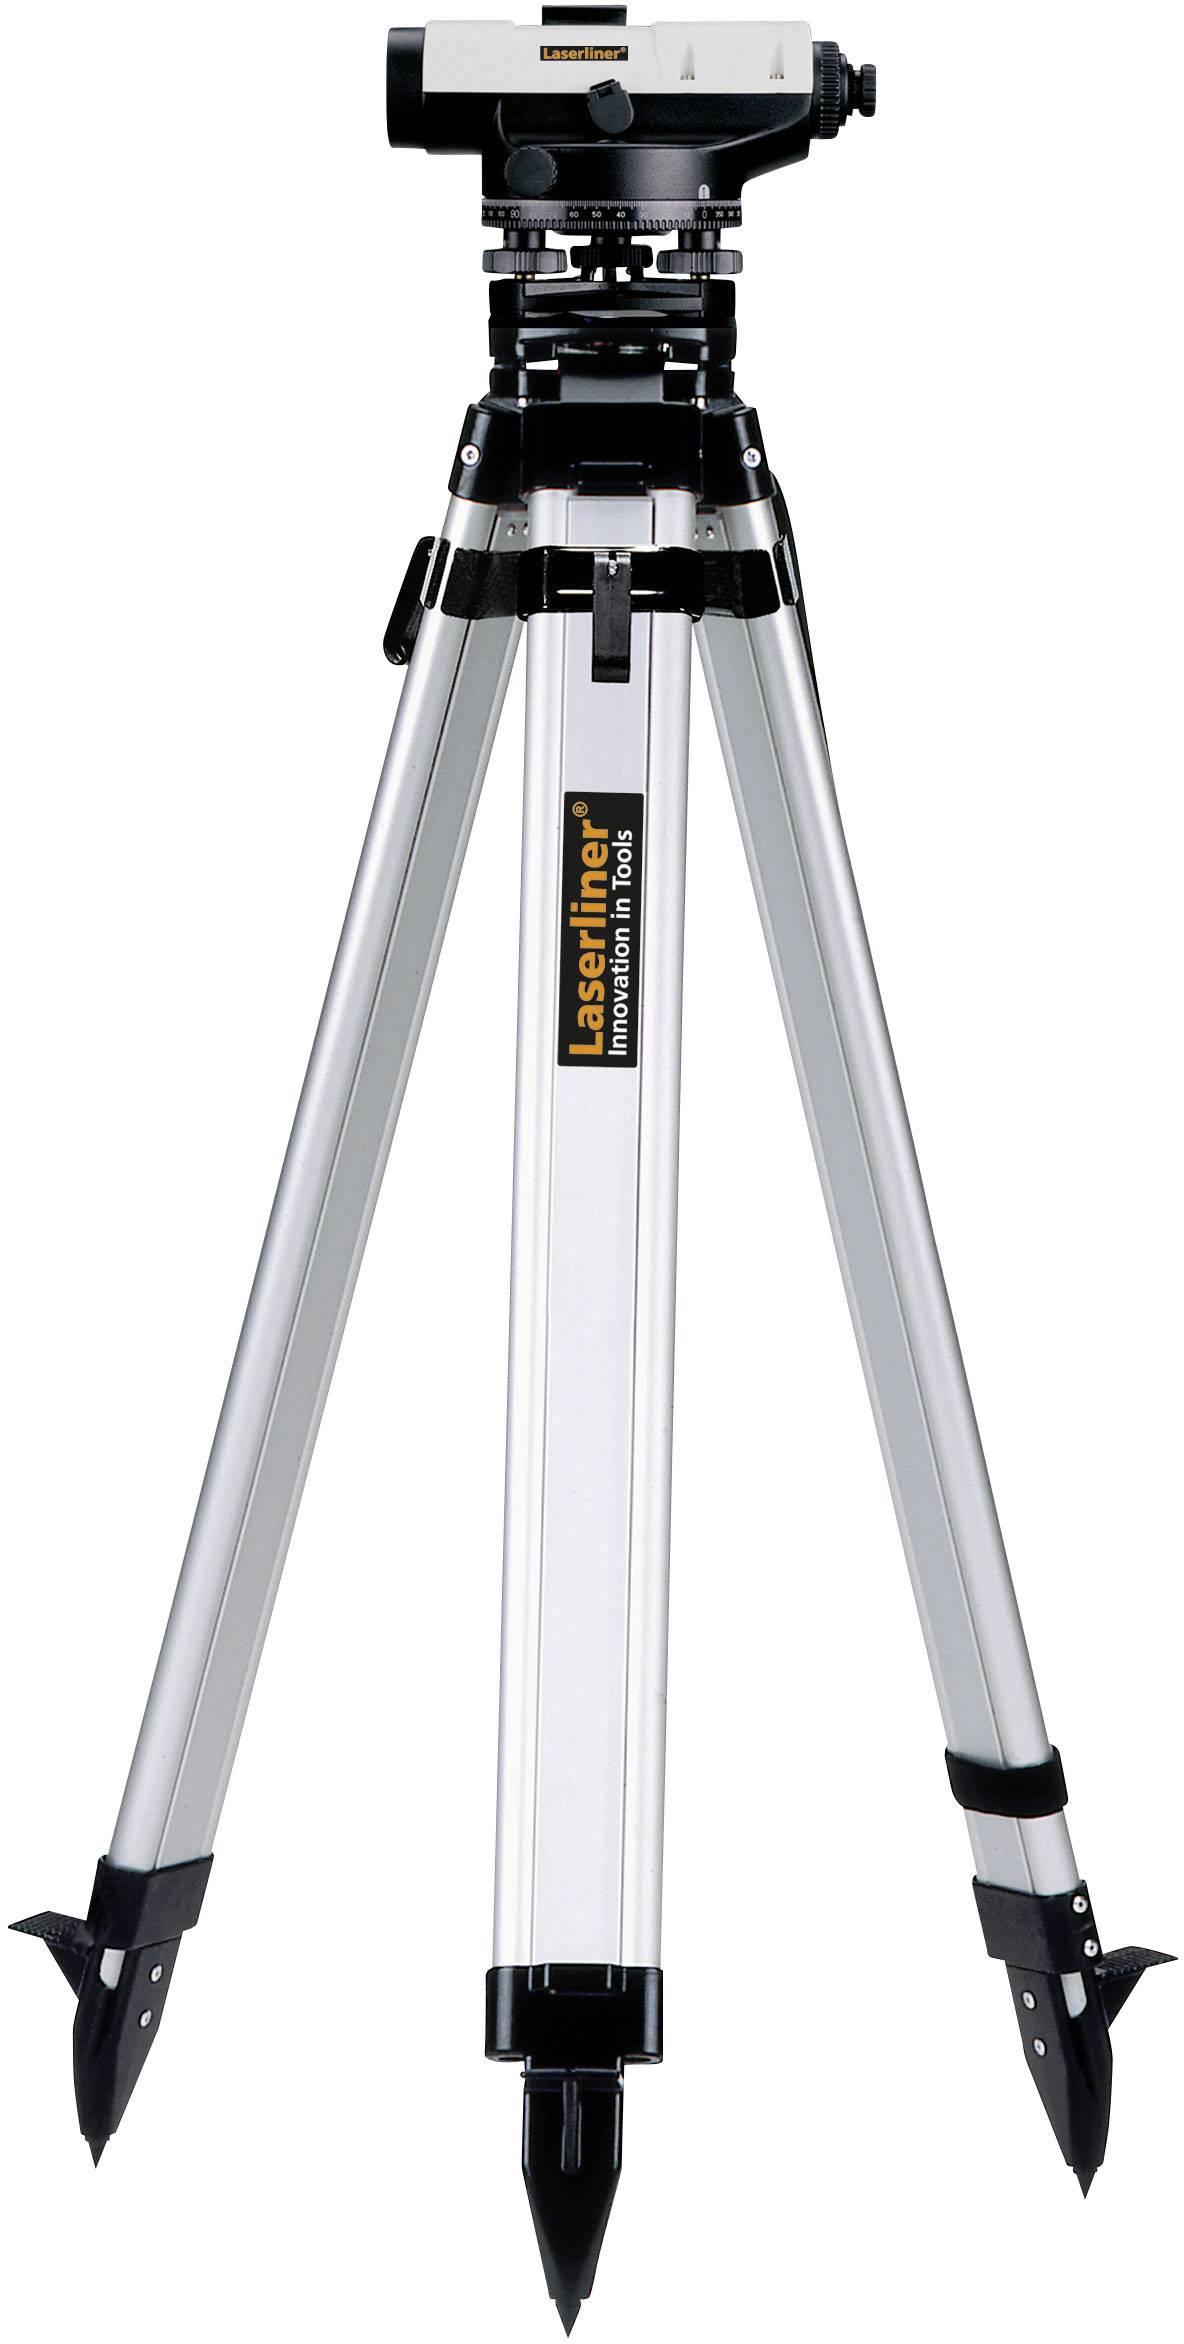 Optický nivelační přístroj vč. stativu, samonivelační Laserliner AL 22 Classic-Set, optické zvětšení 22 x